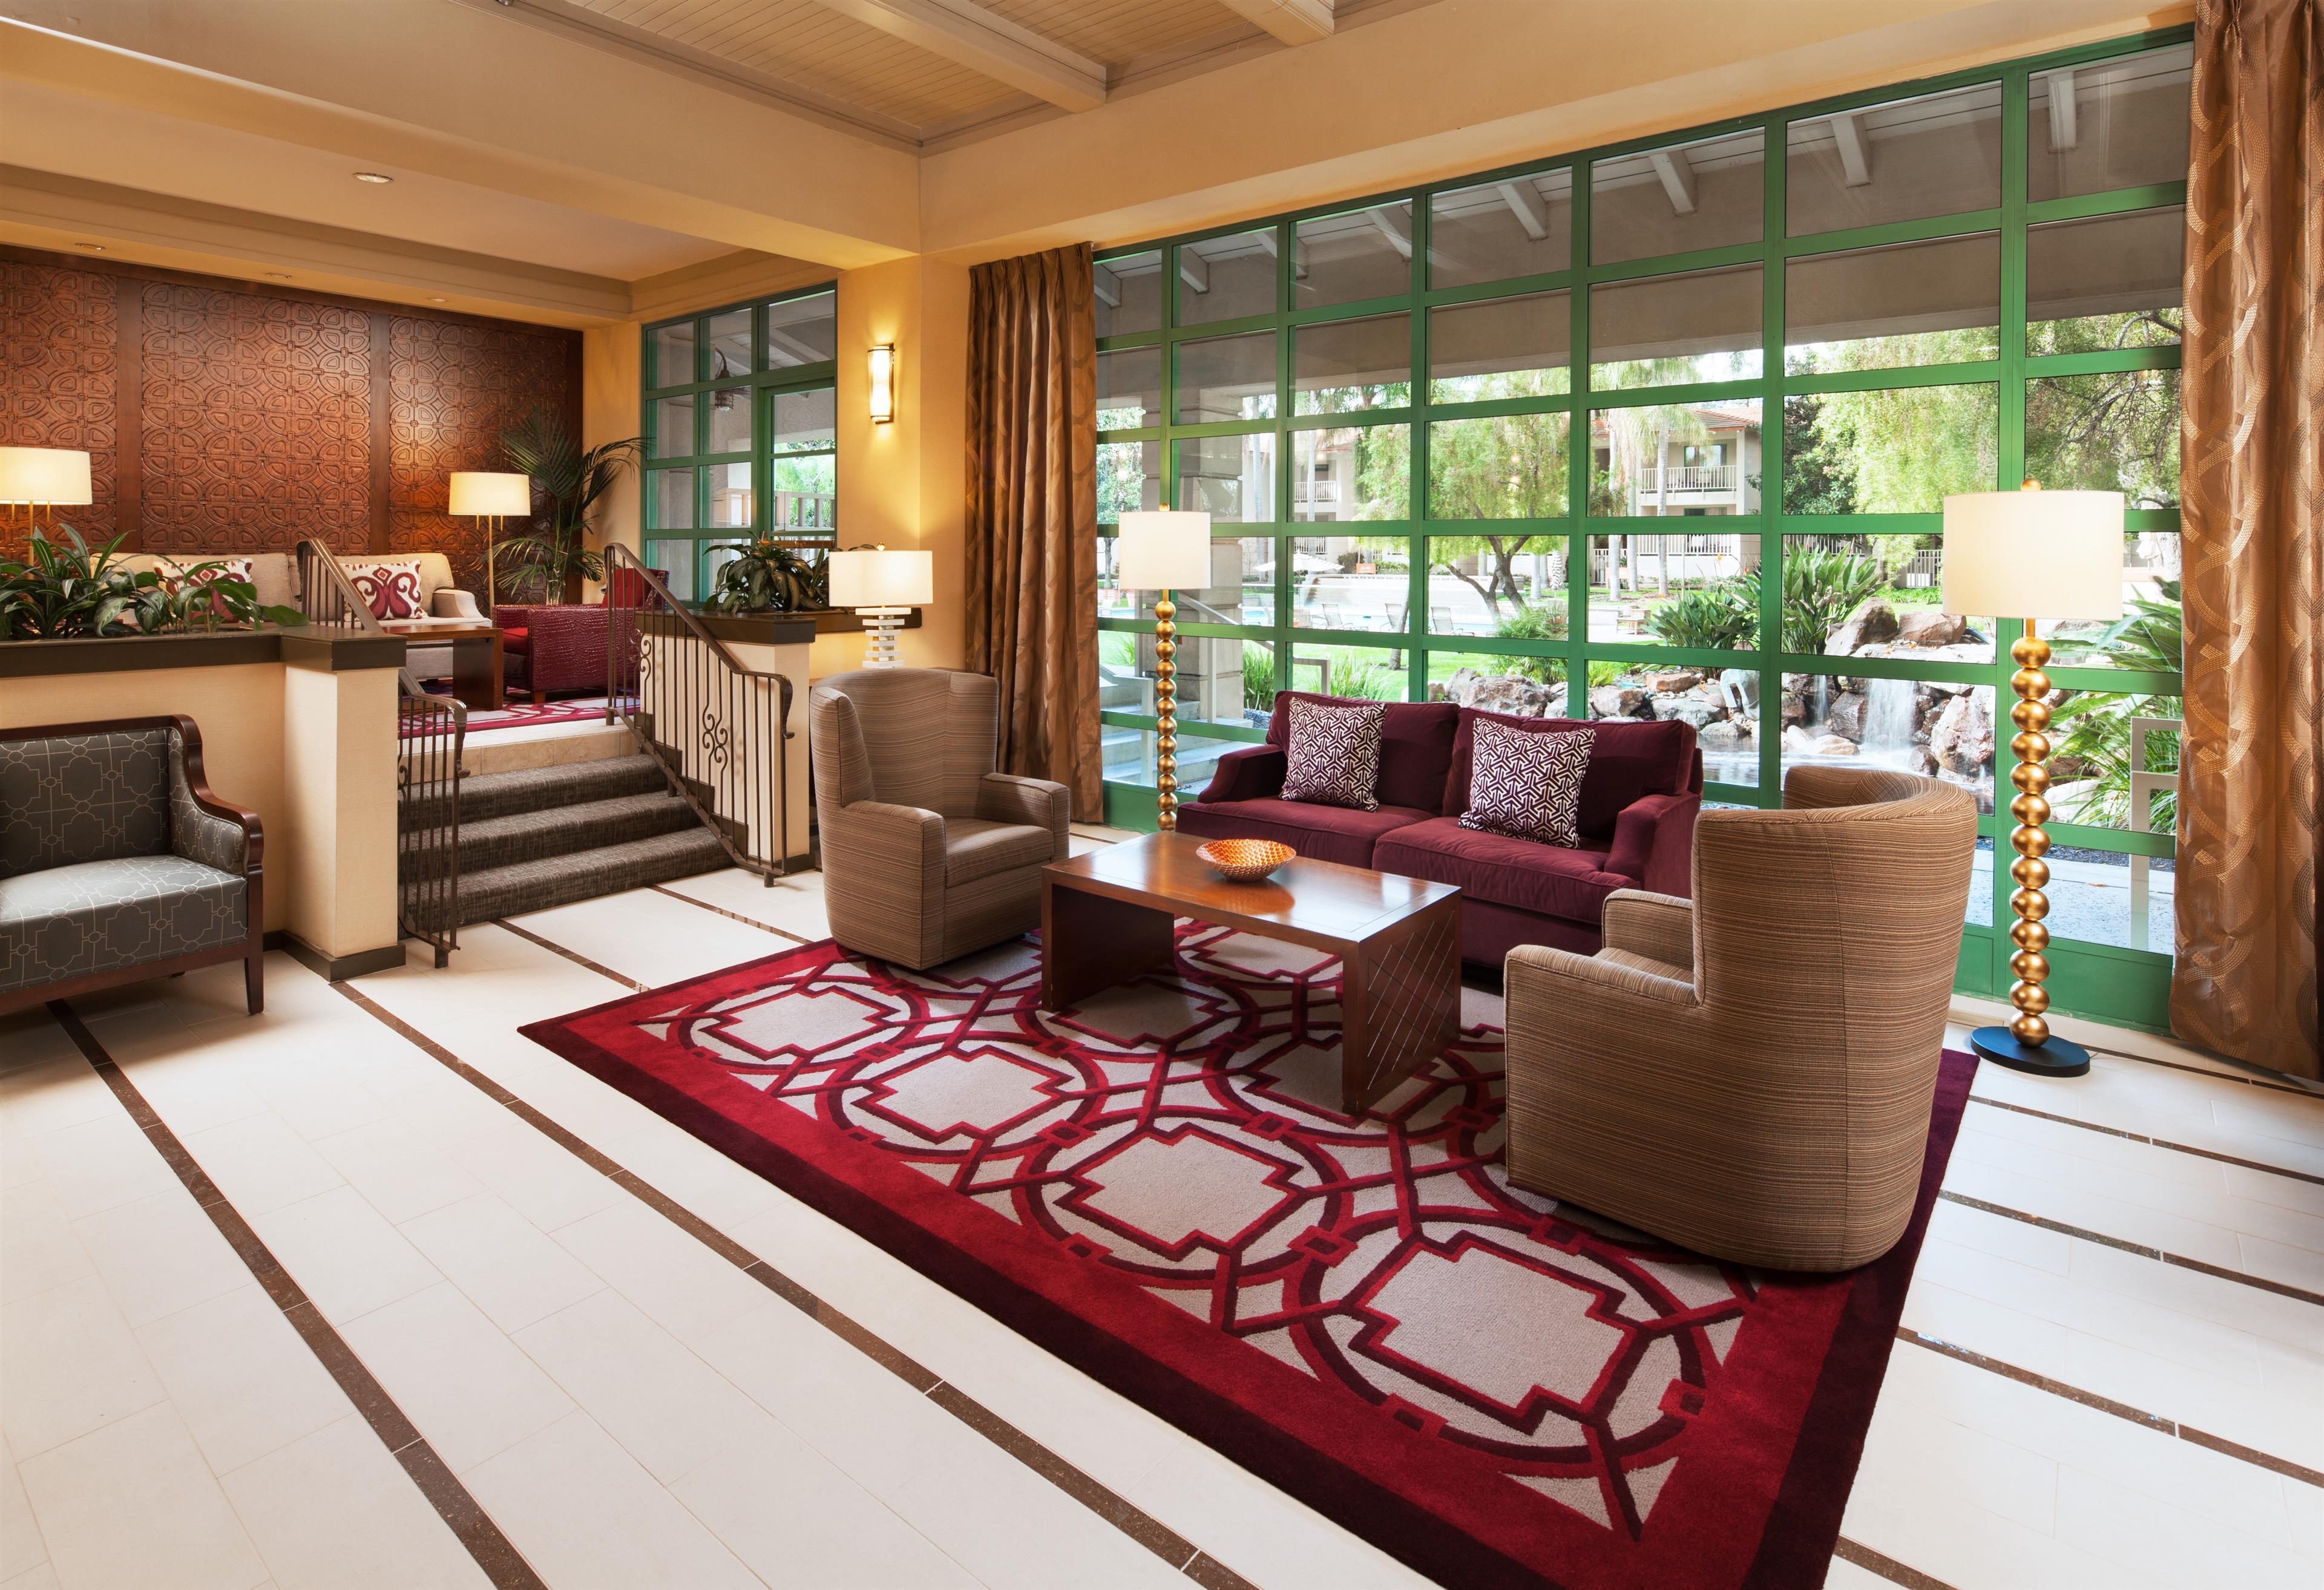 Sheraton San Jose Hotel image 9